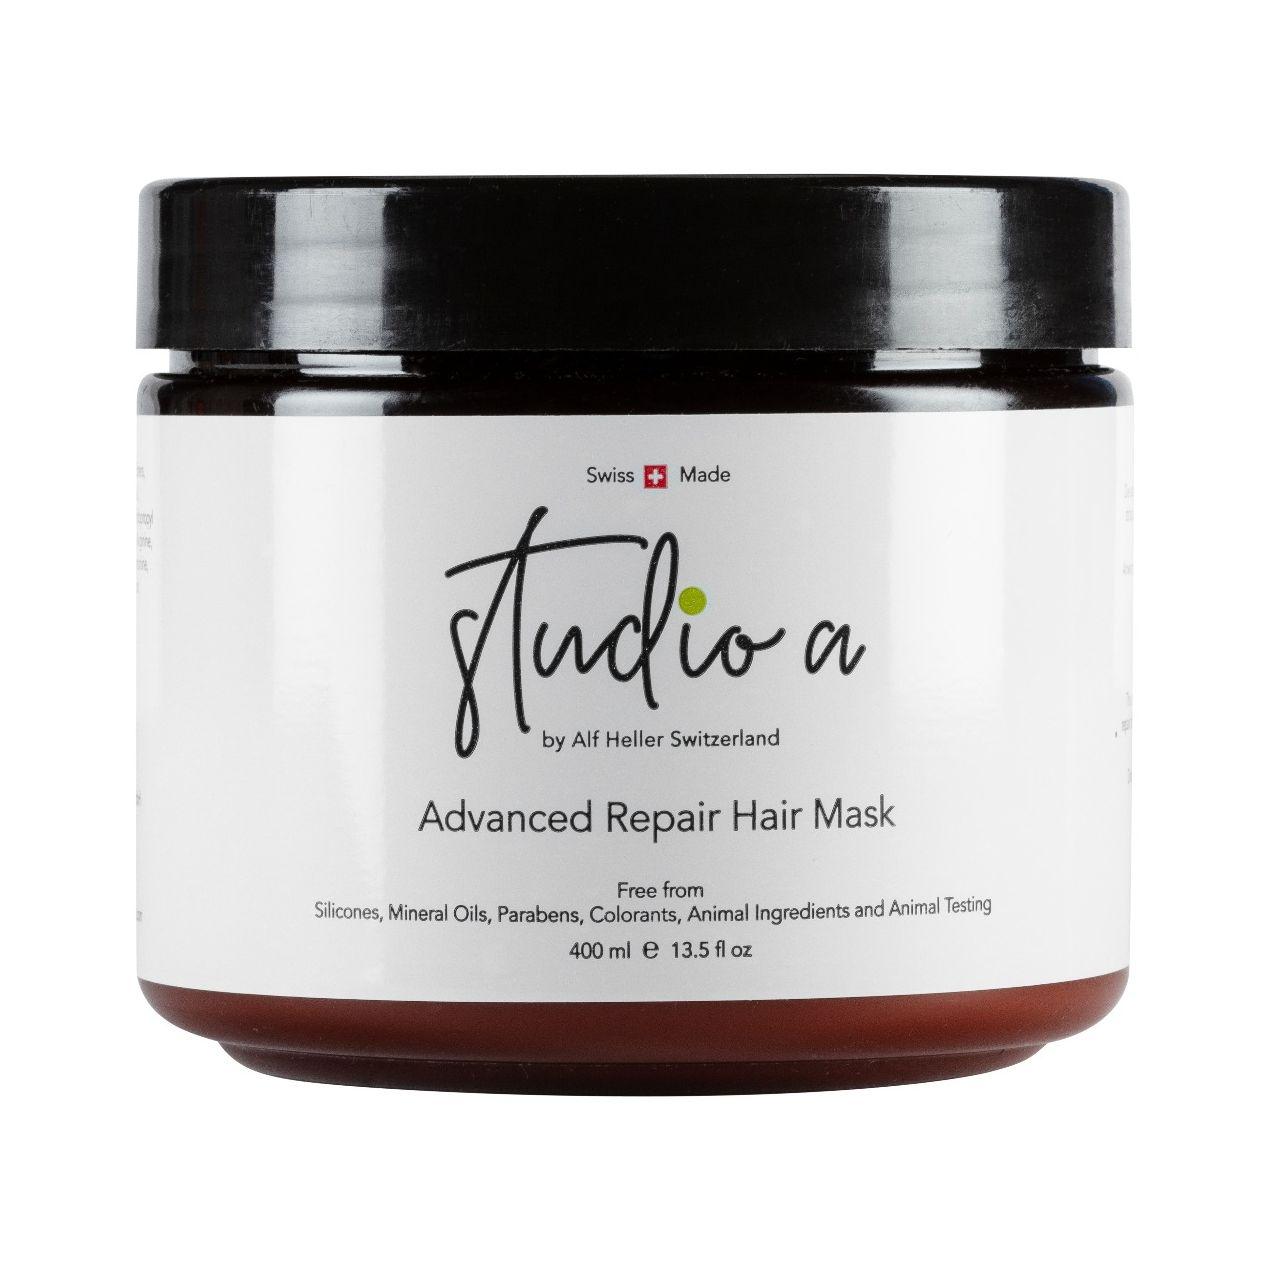 Advanced Repair Hair Mask